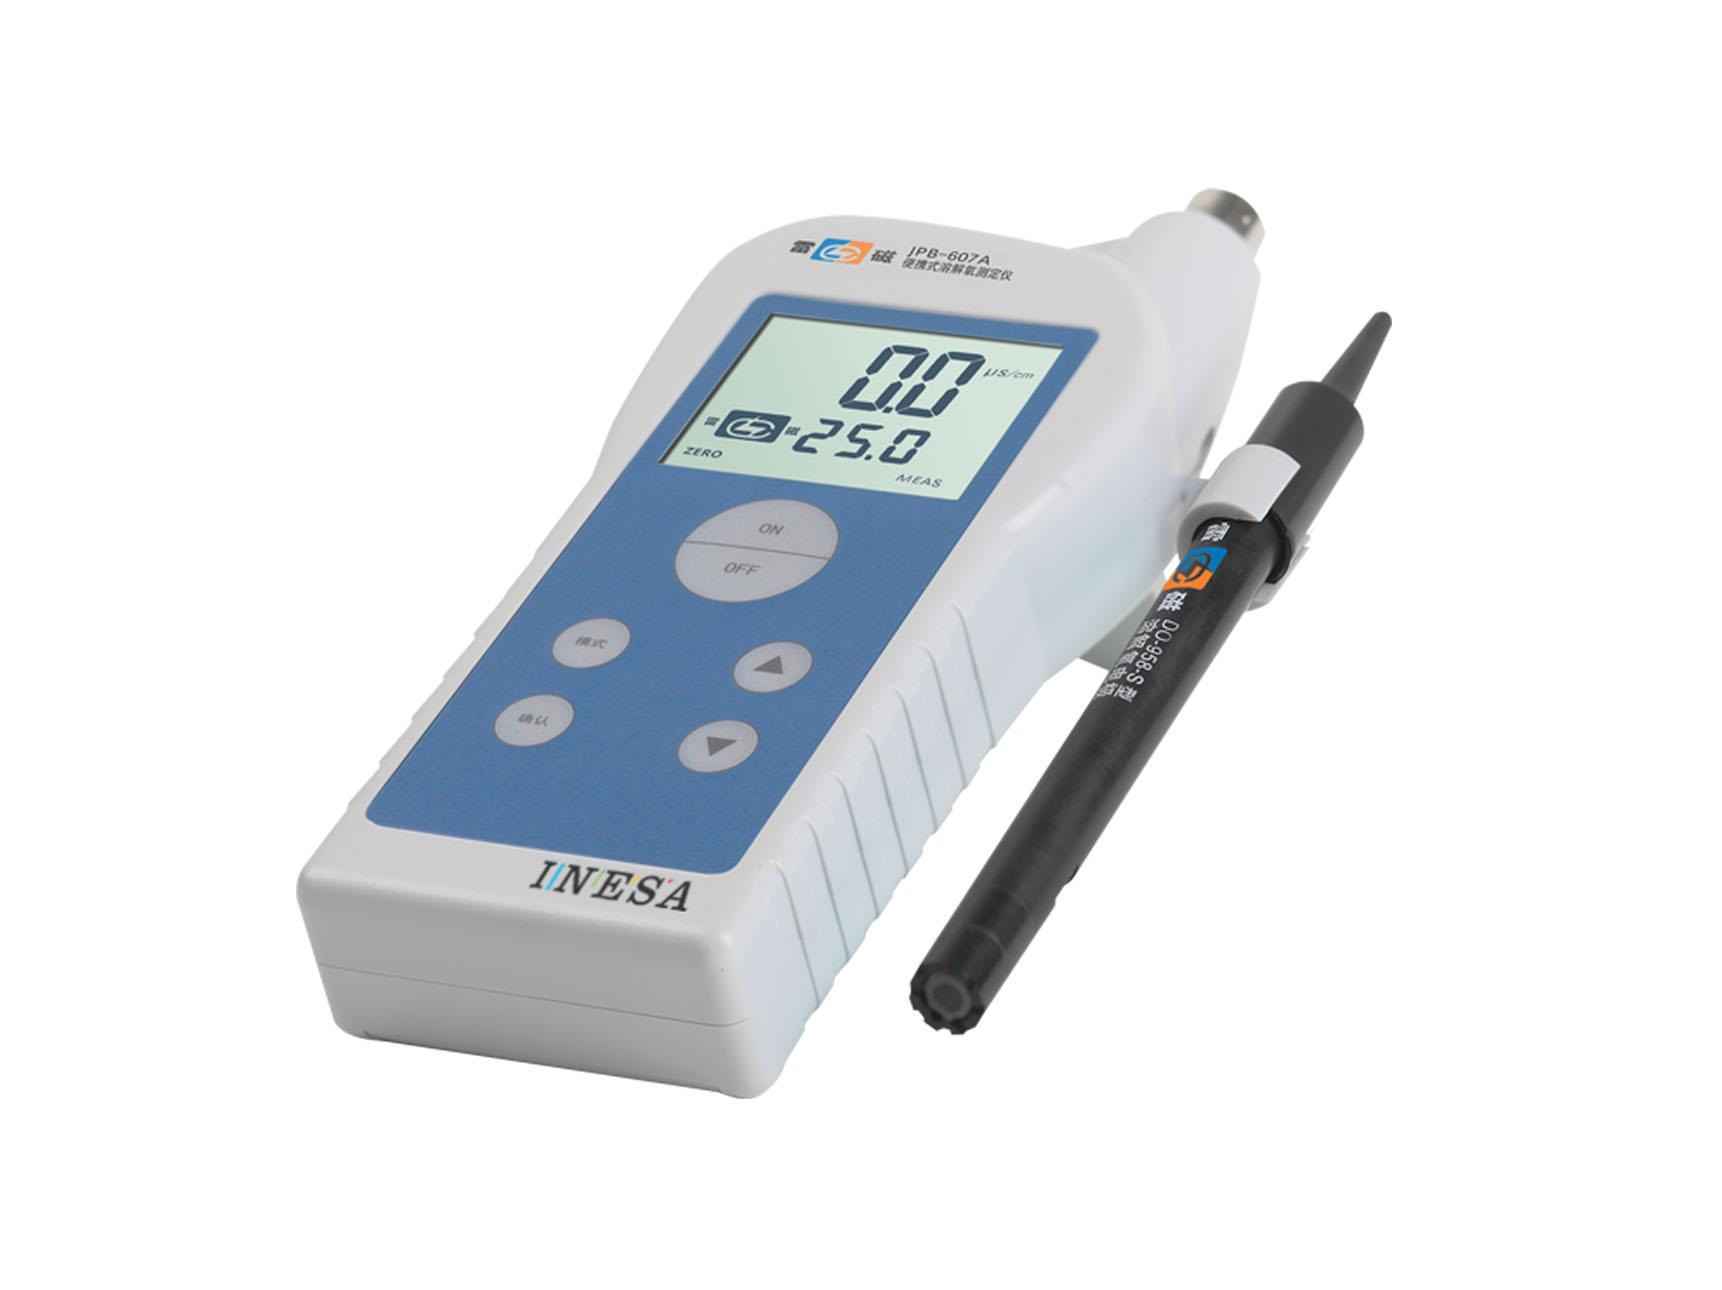 上海雷磁JPB-607A便携式溶解氧分析仪